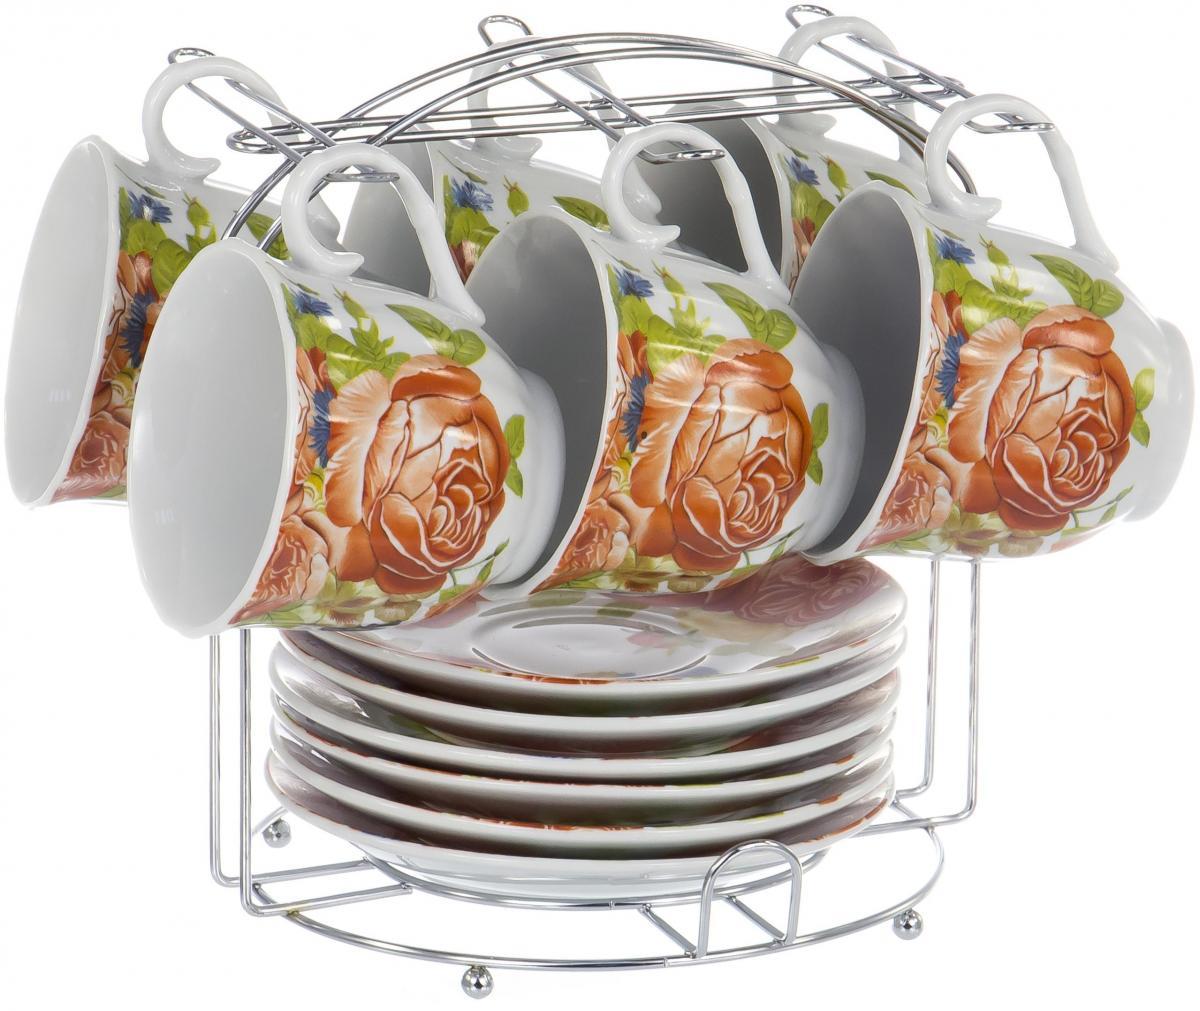 Набор чайный Olaff Metal Stand, 12 предметов. DL-F6MS-194DL-F6MS-194METAL STAND, набор чайный (12) 6 чашек 220мл + 6 блюдец на метал.стенде, подарочная упаковка